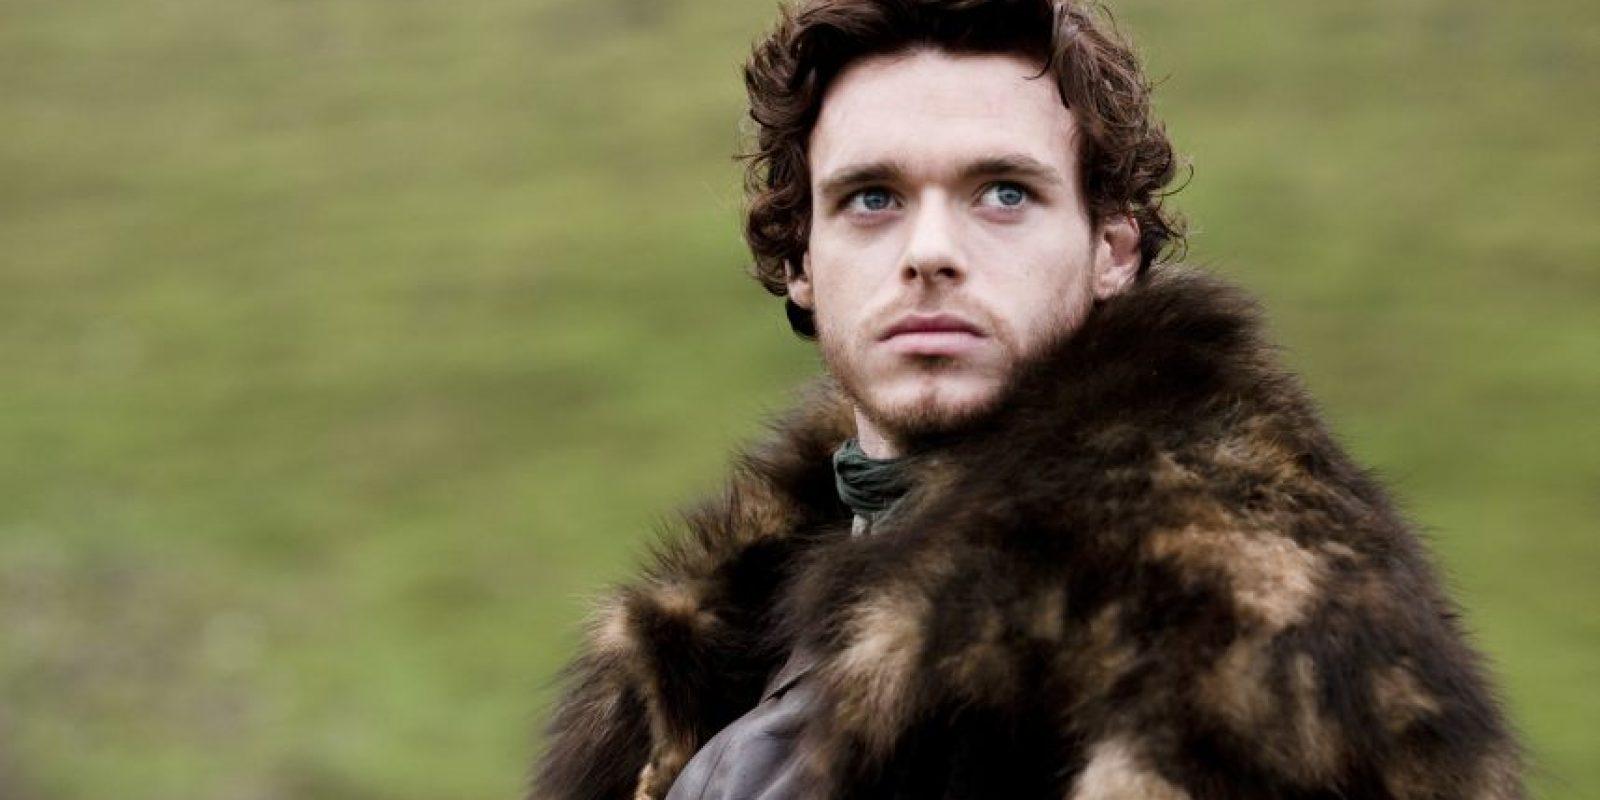 Richard Madden es Robb Stark, hijo mayor de Ned y Catelyn. Él es señor de Invernalia luego de la ejecución de su padre, y se enfrentará a los Lannister por el Trono de Hierro luego de que se sabe el origen de los hijos de Cersei, la esposa de Robert. Foto:HBO Latinoamérica